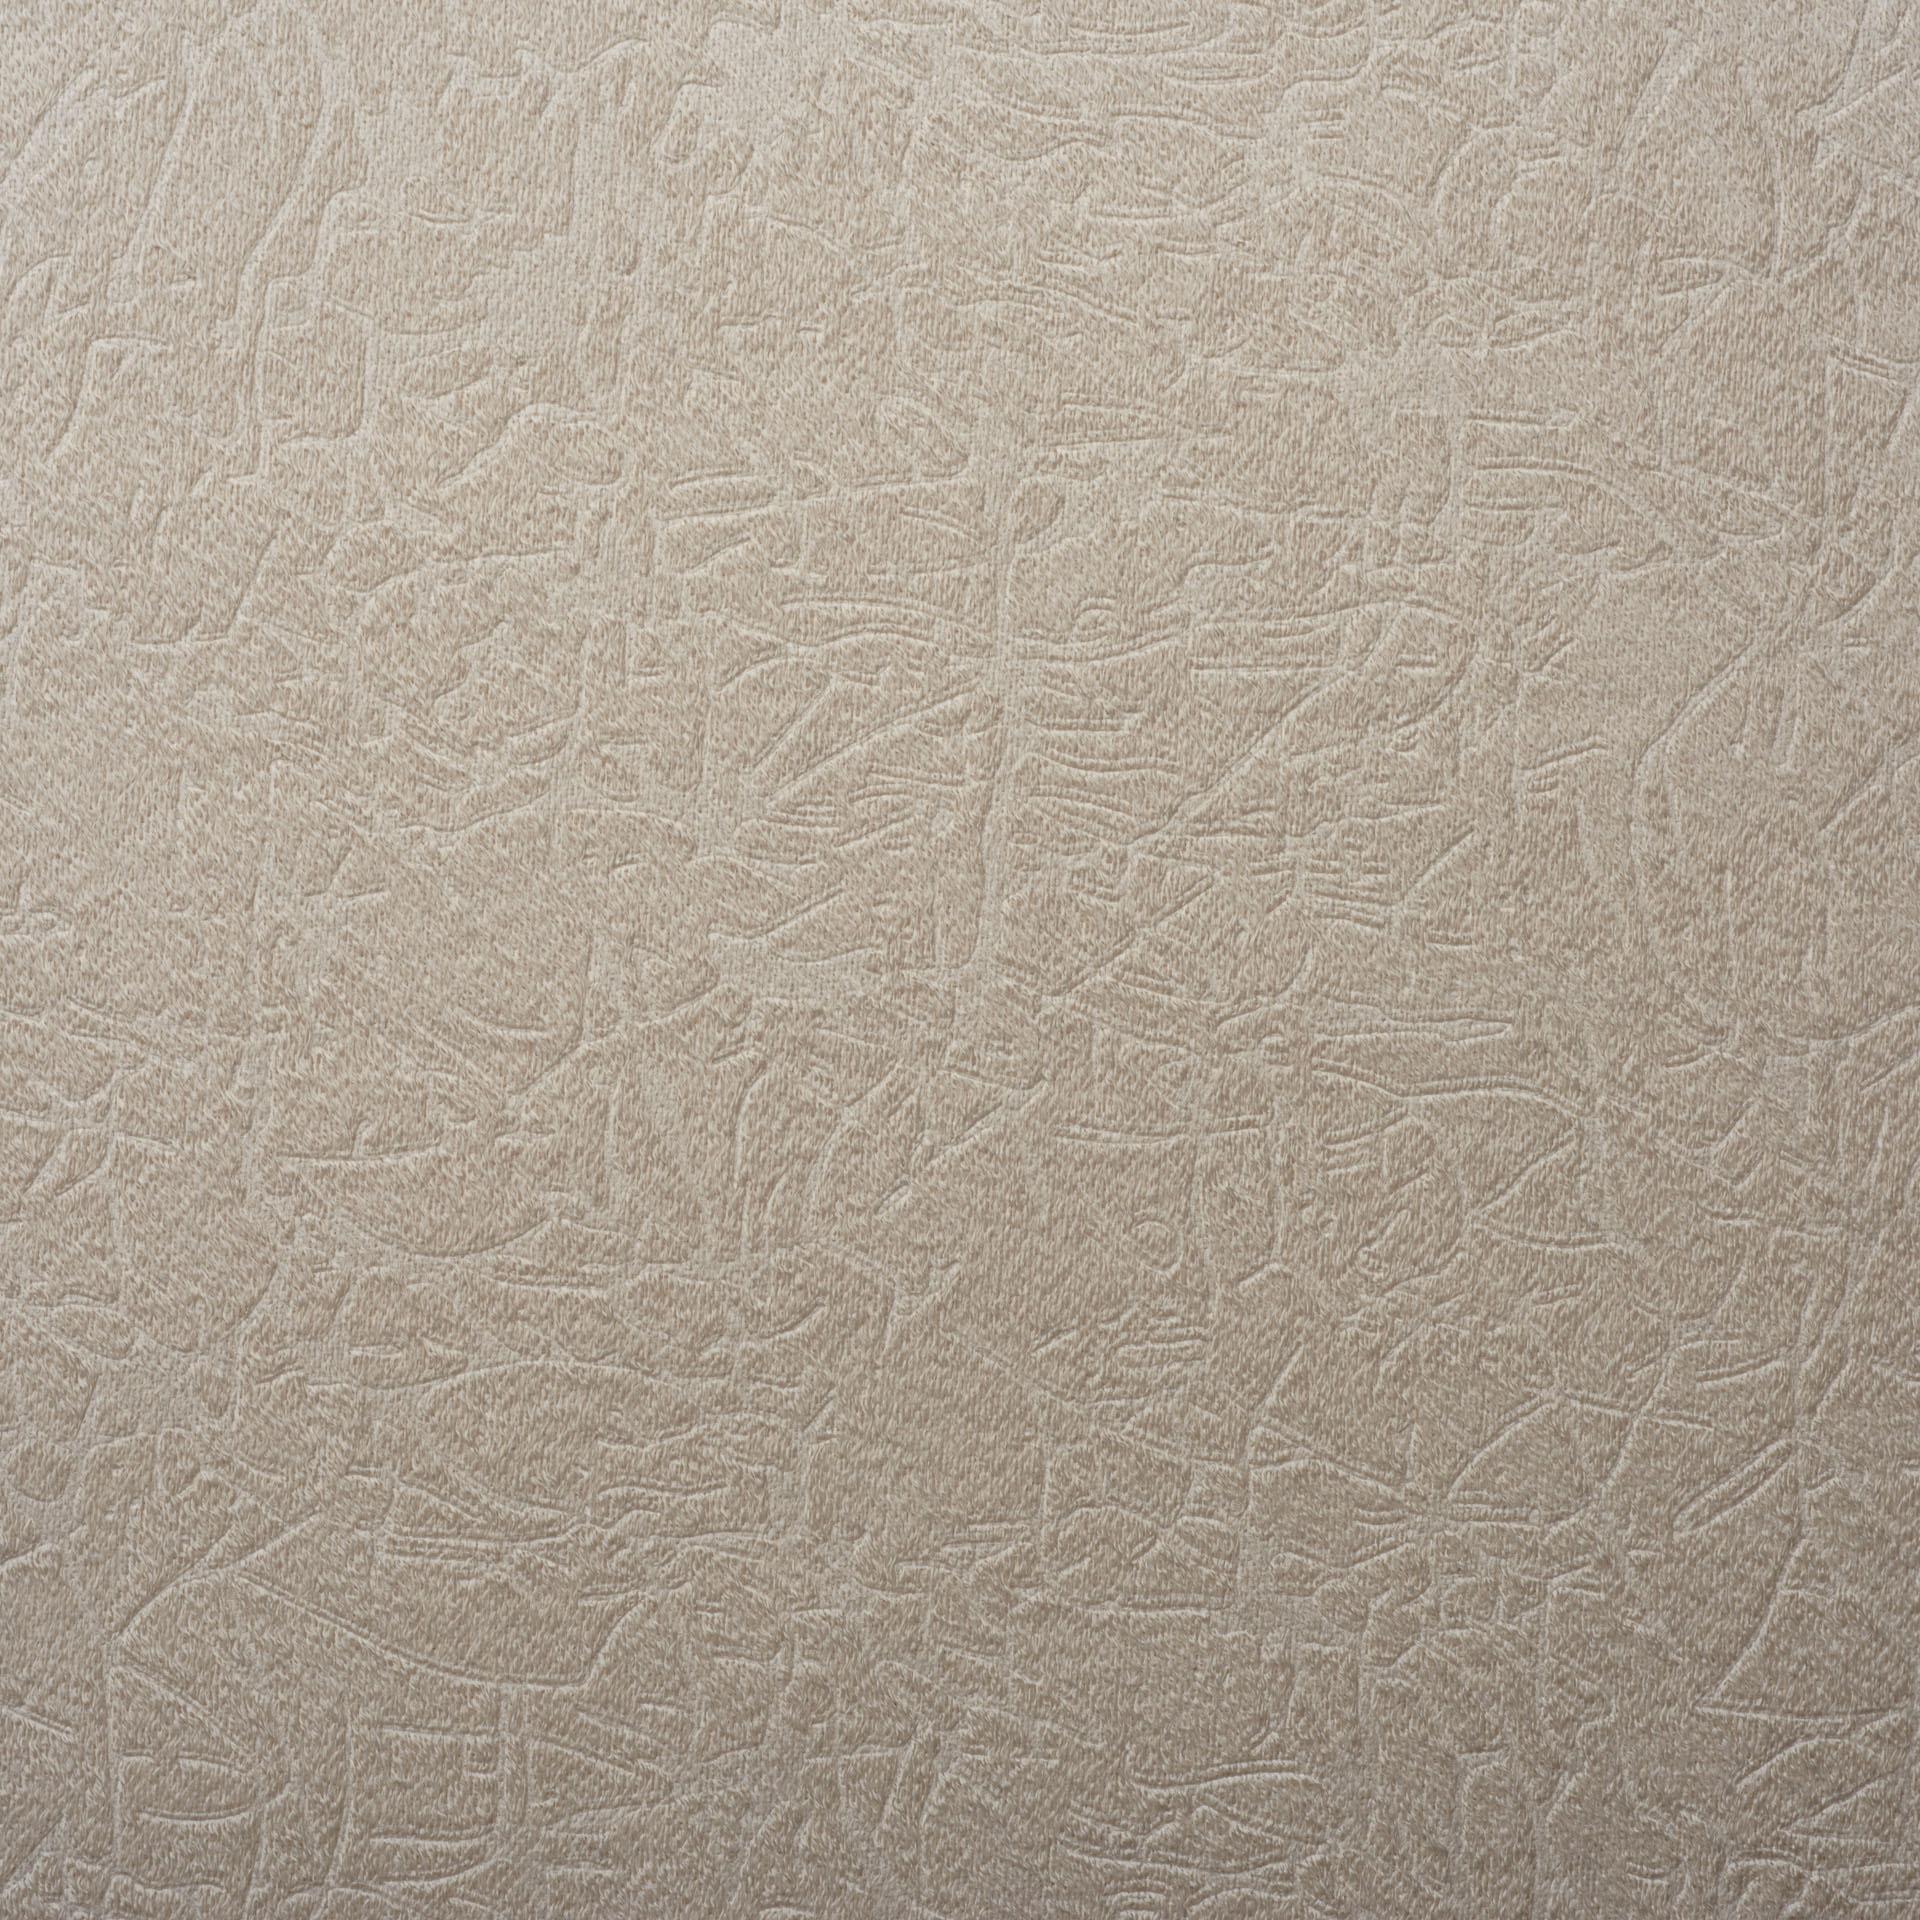 Коллекция ткани Пленет 11 CARAMEL,  купить ткань Велюр для мебели Украина